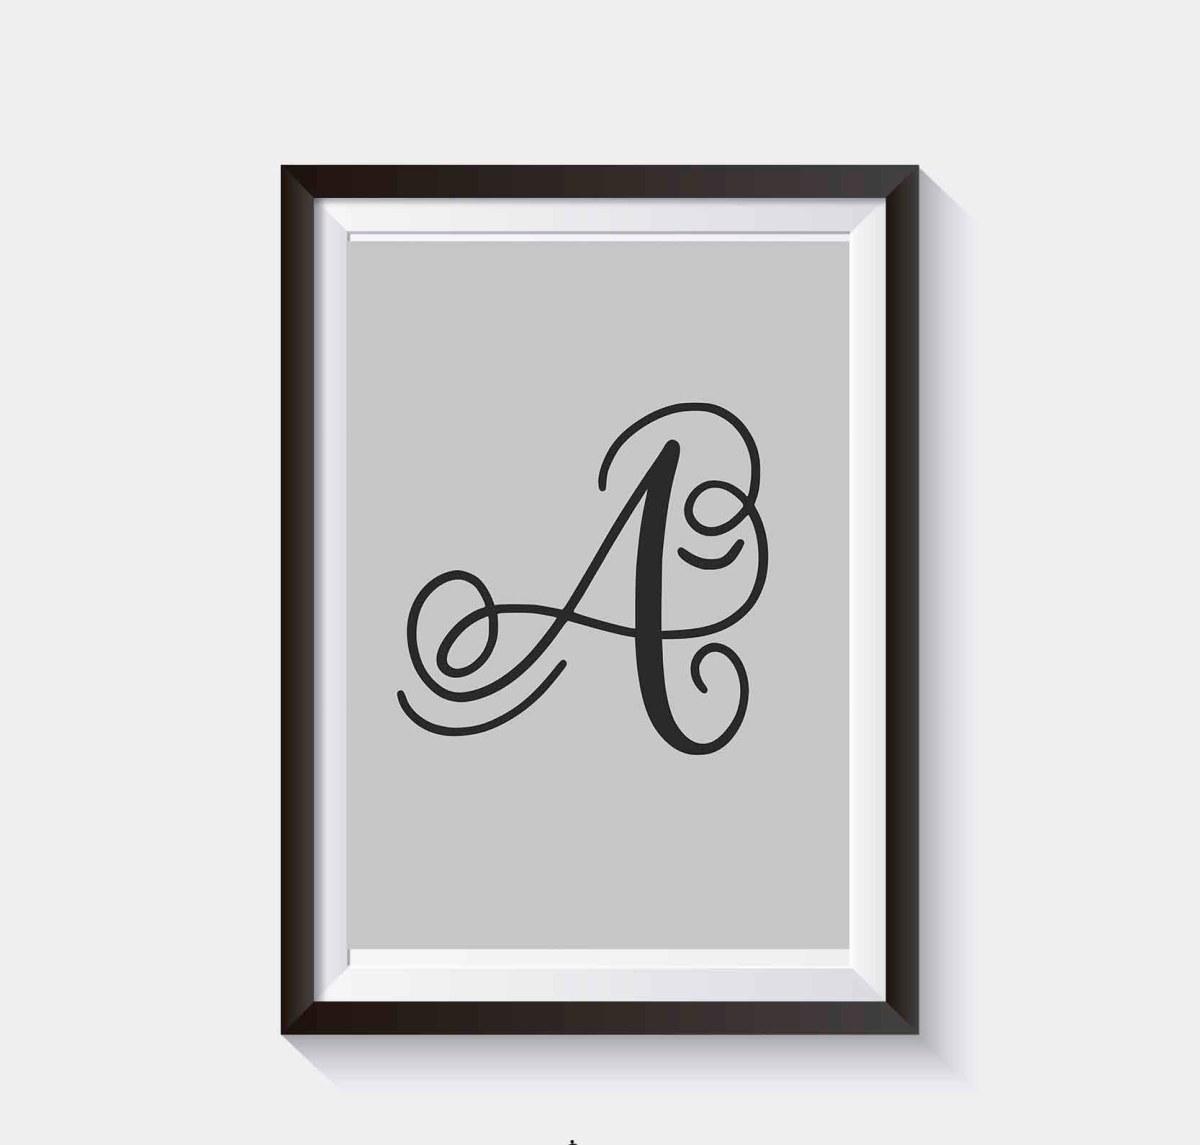 Plakat do samodzielnego wydruku - Litery alfabetu na plakacie